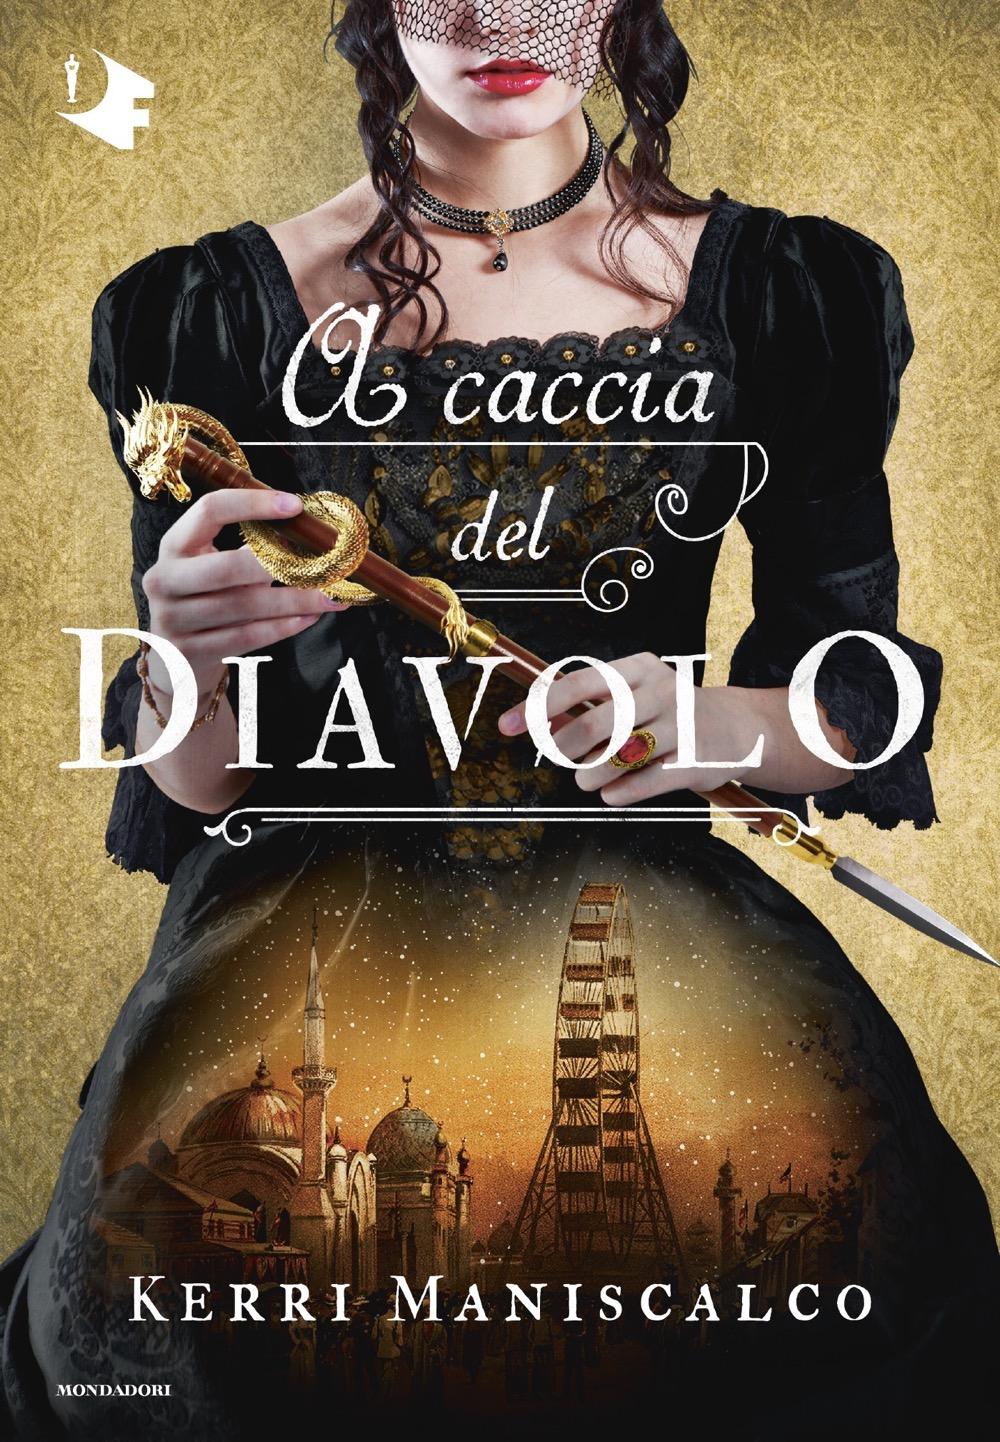 A caccia del Diavolo - Kerri Maniscalco | Oscar Mondadori